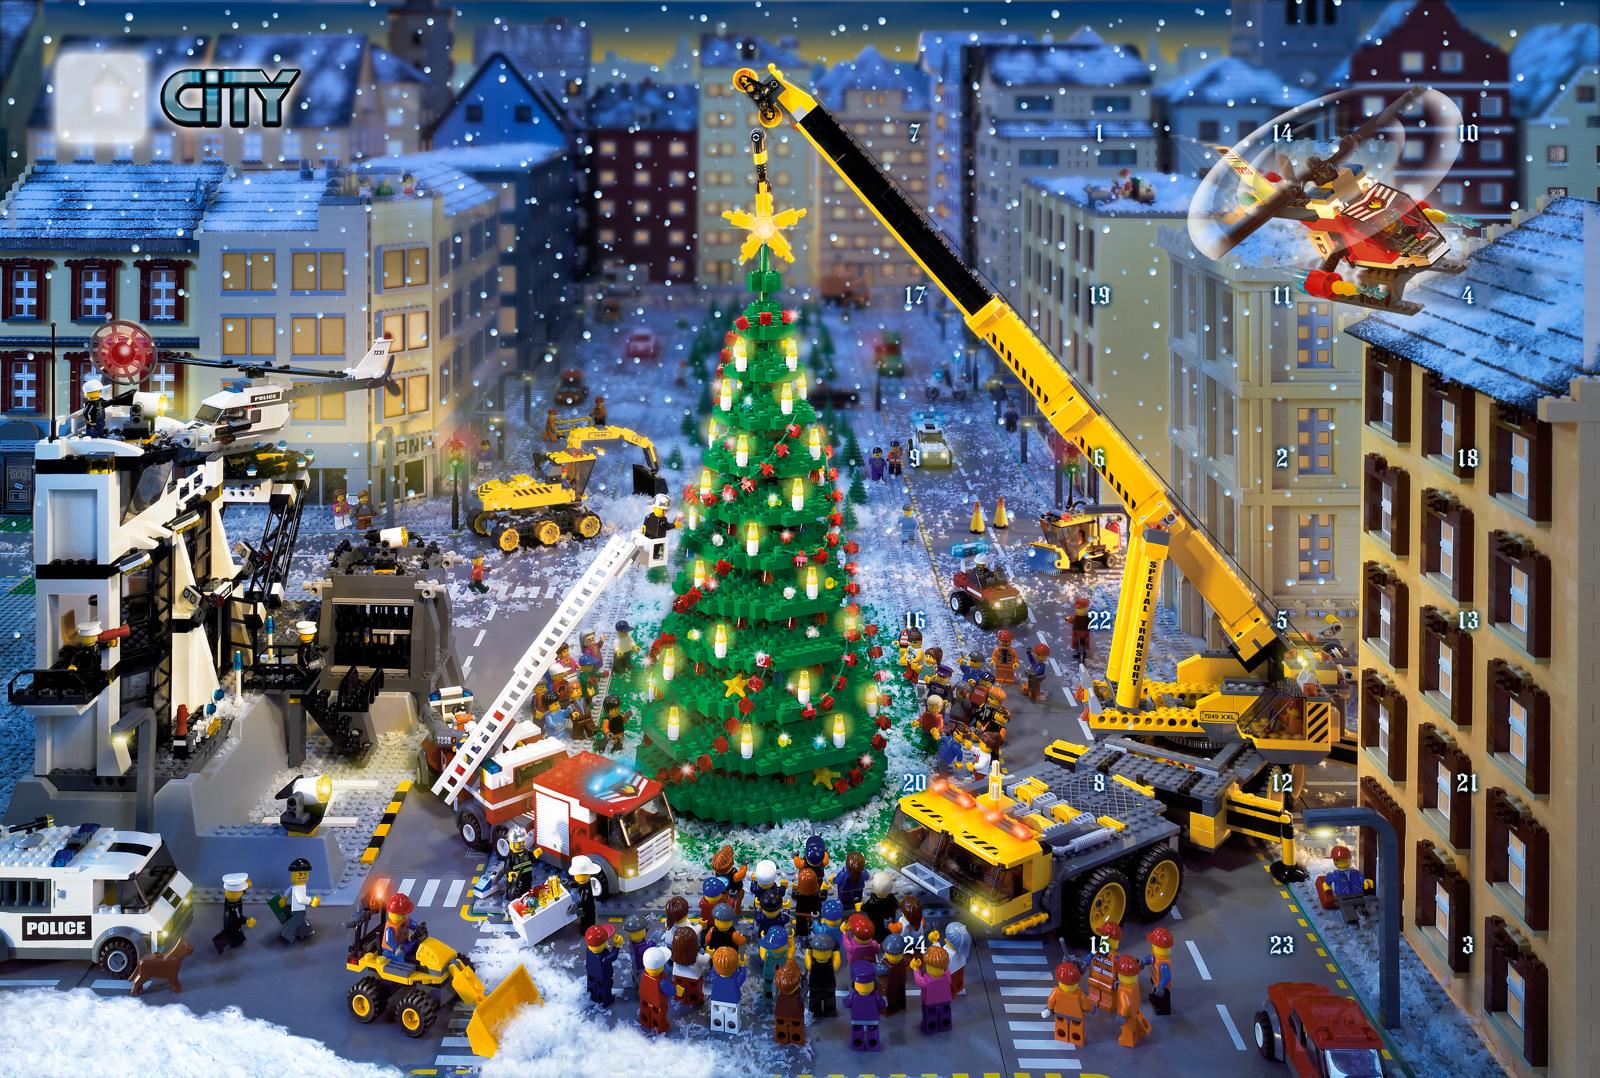 LEGO _003.jpg